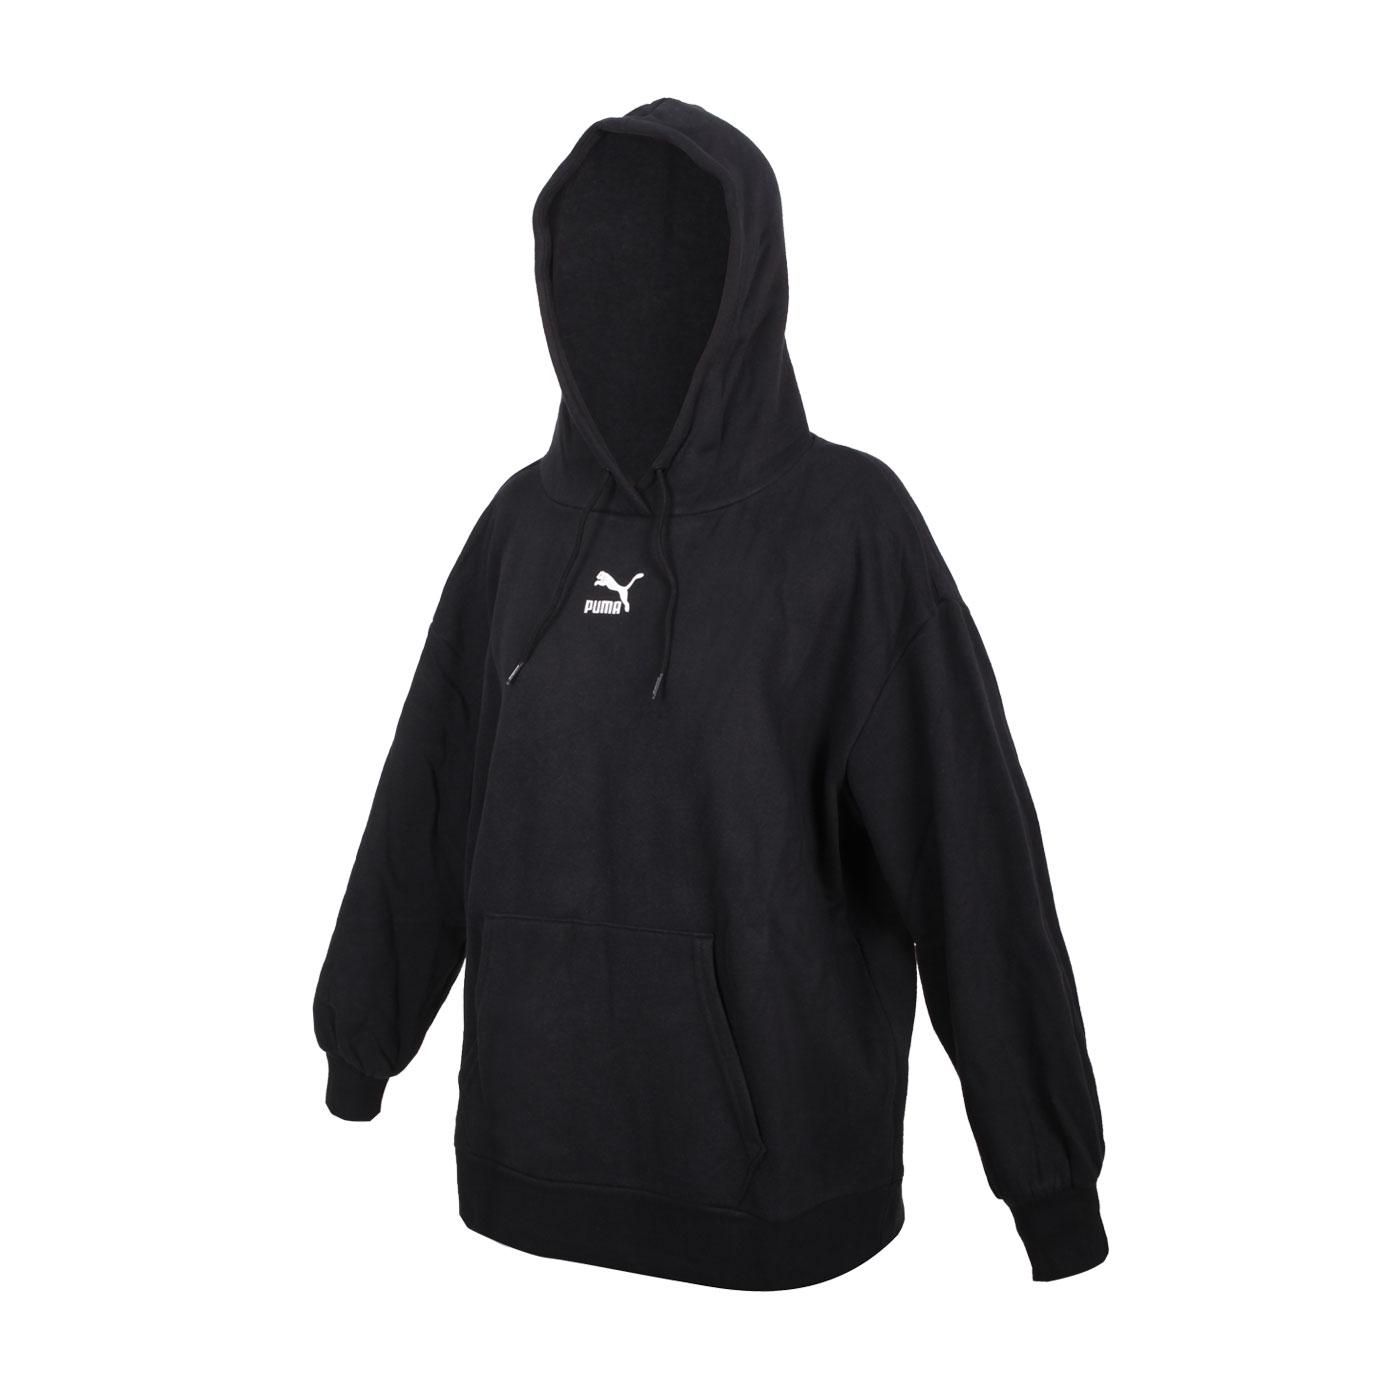 PUMA 女款寬版長厚連帽T恤 53028001 - 黑白